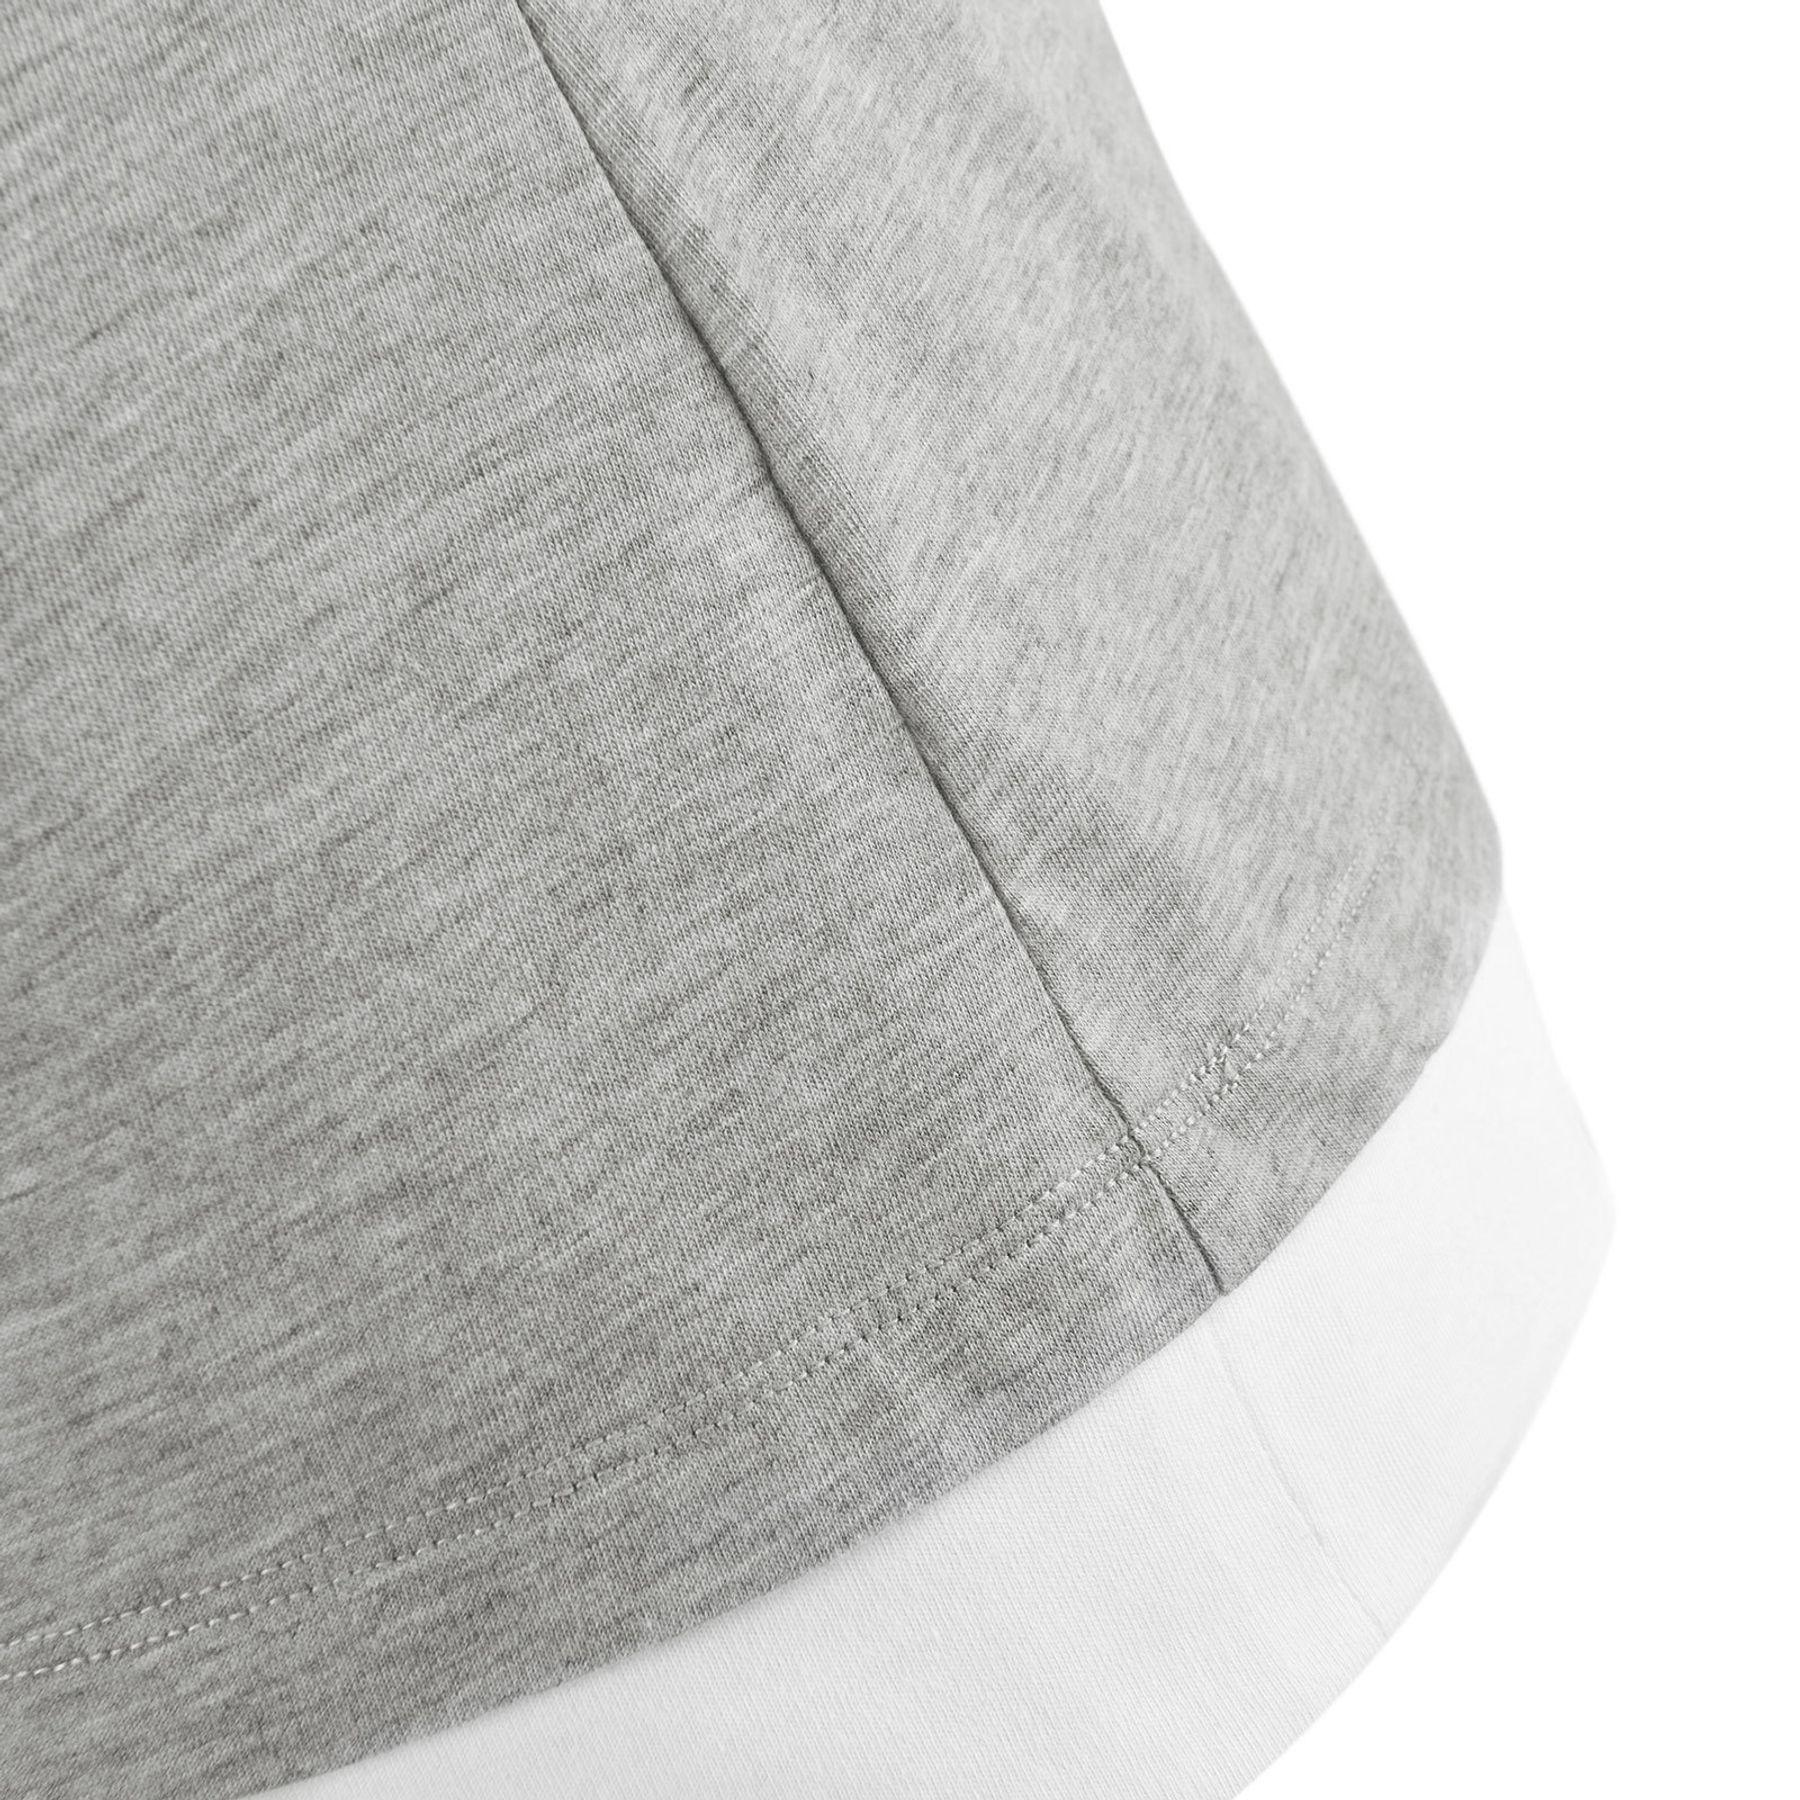 Joy - Damen Sport und Freizeit Shirt in Grau Melange, Hannita (30190 A) – Bild 5